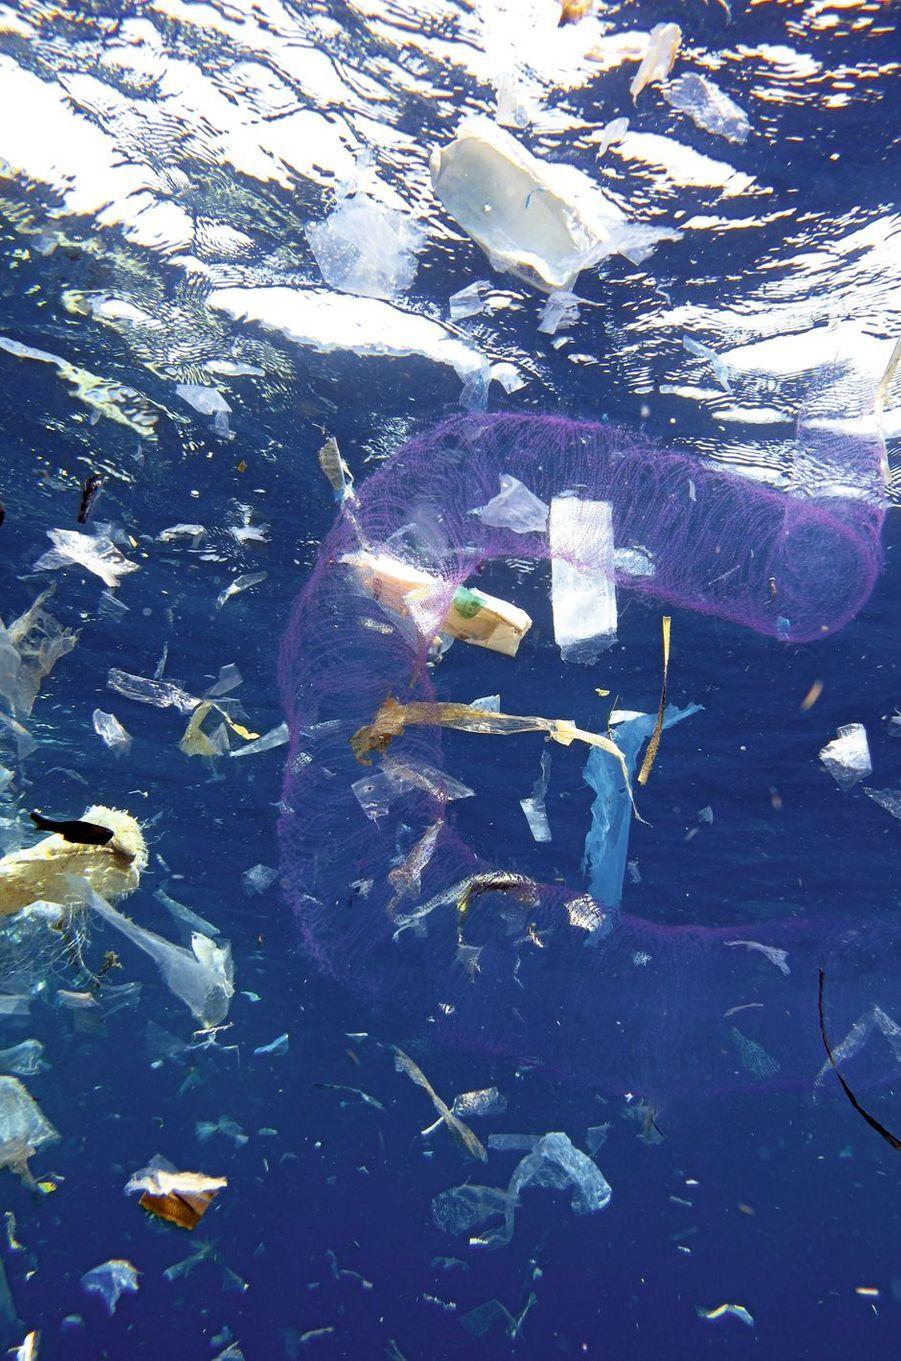 Une longue grappe rose d'œufs de pieuvre flotte dans une constellation de sacs plus ou moins dégradés.